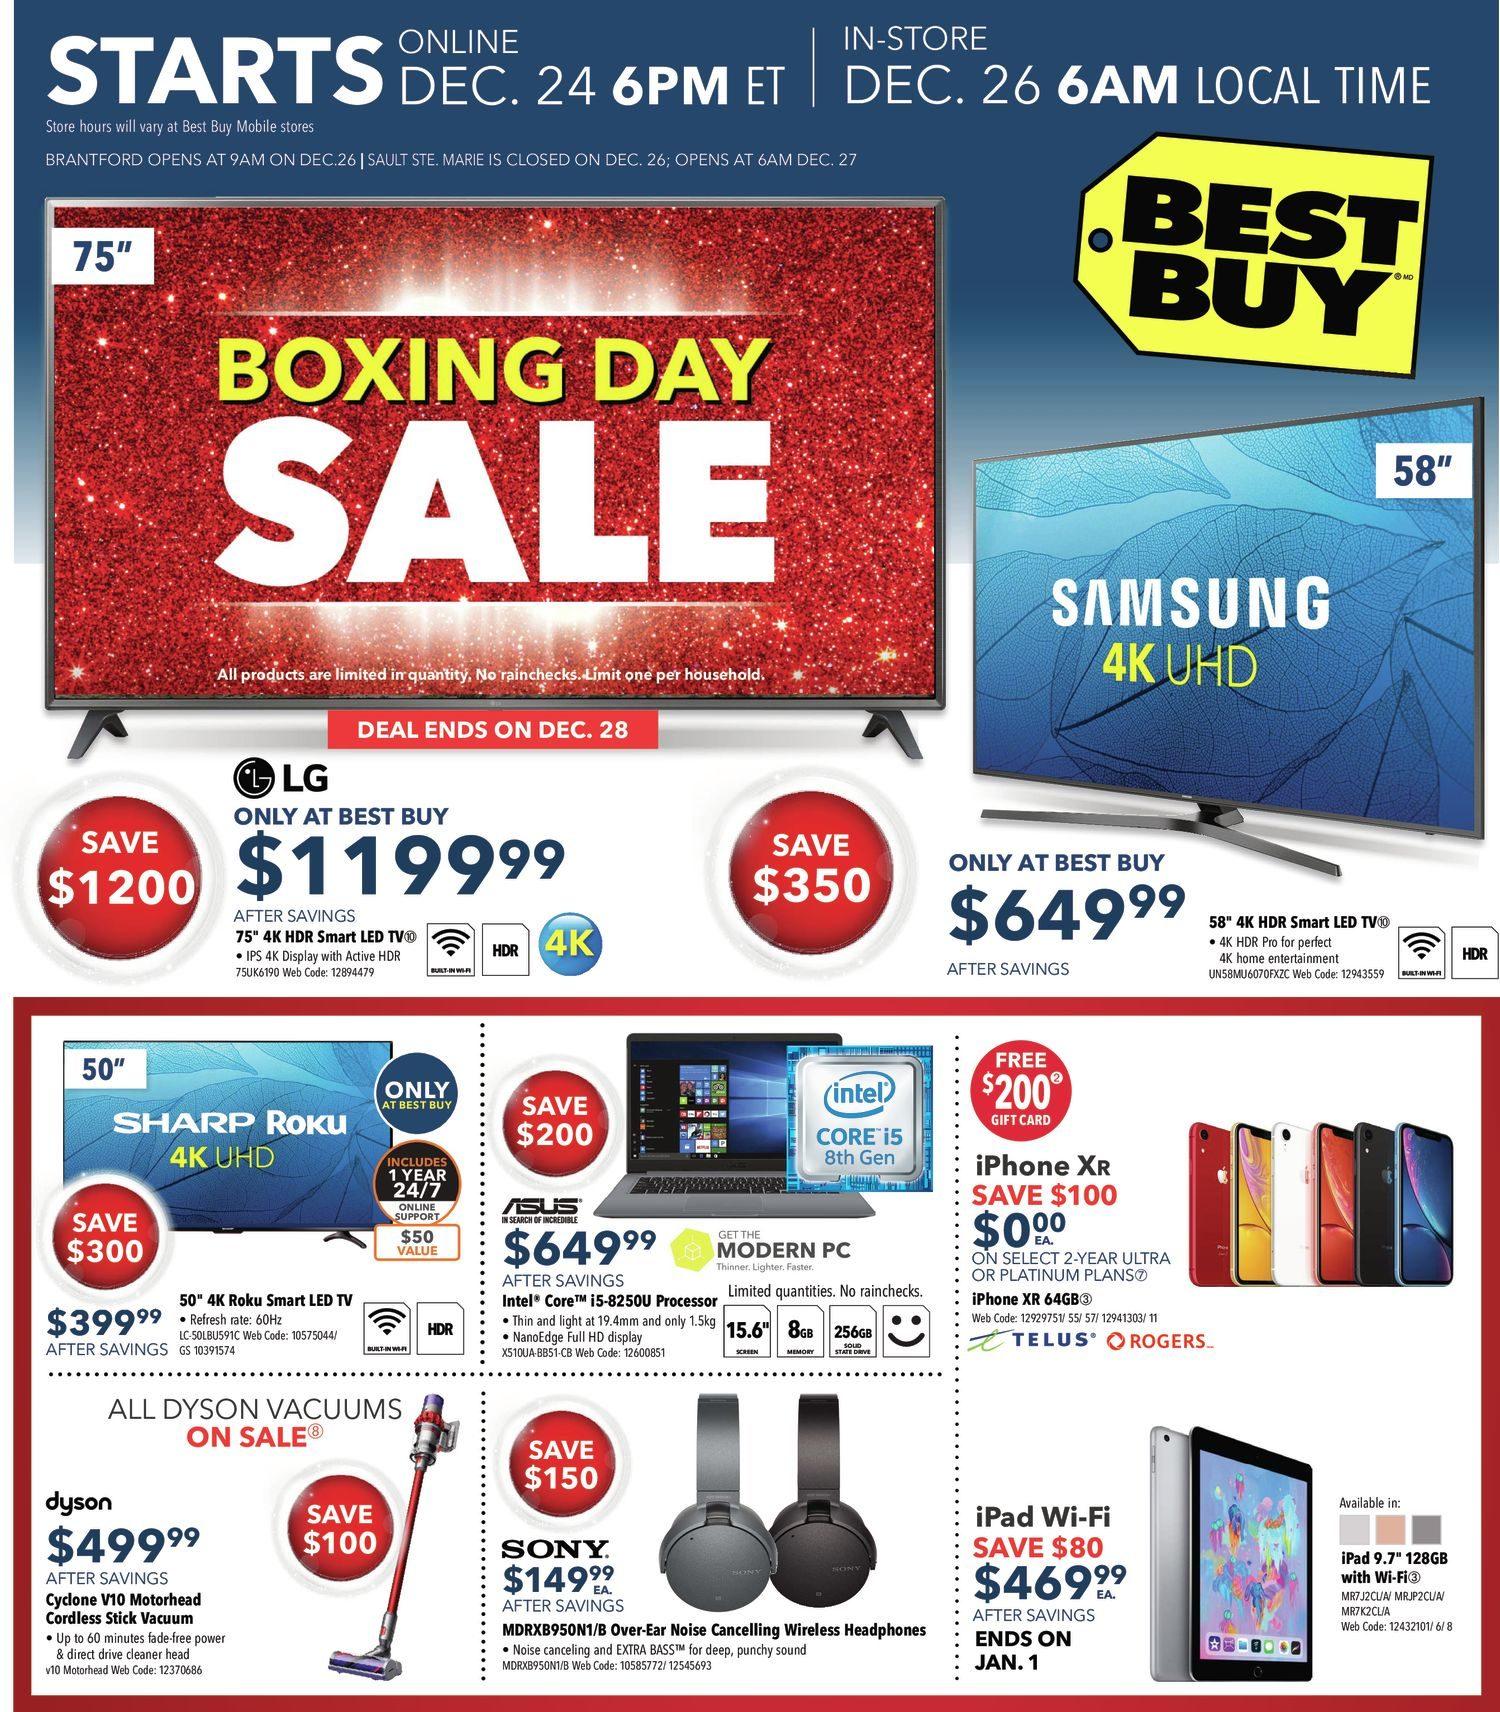 Best Buy Weekly Flyer Boxing Day Sale Dec 25 Jan 3 Redflagdeals Com